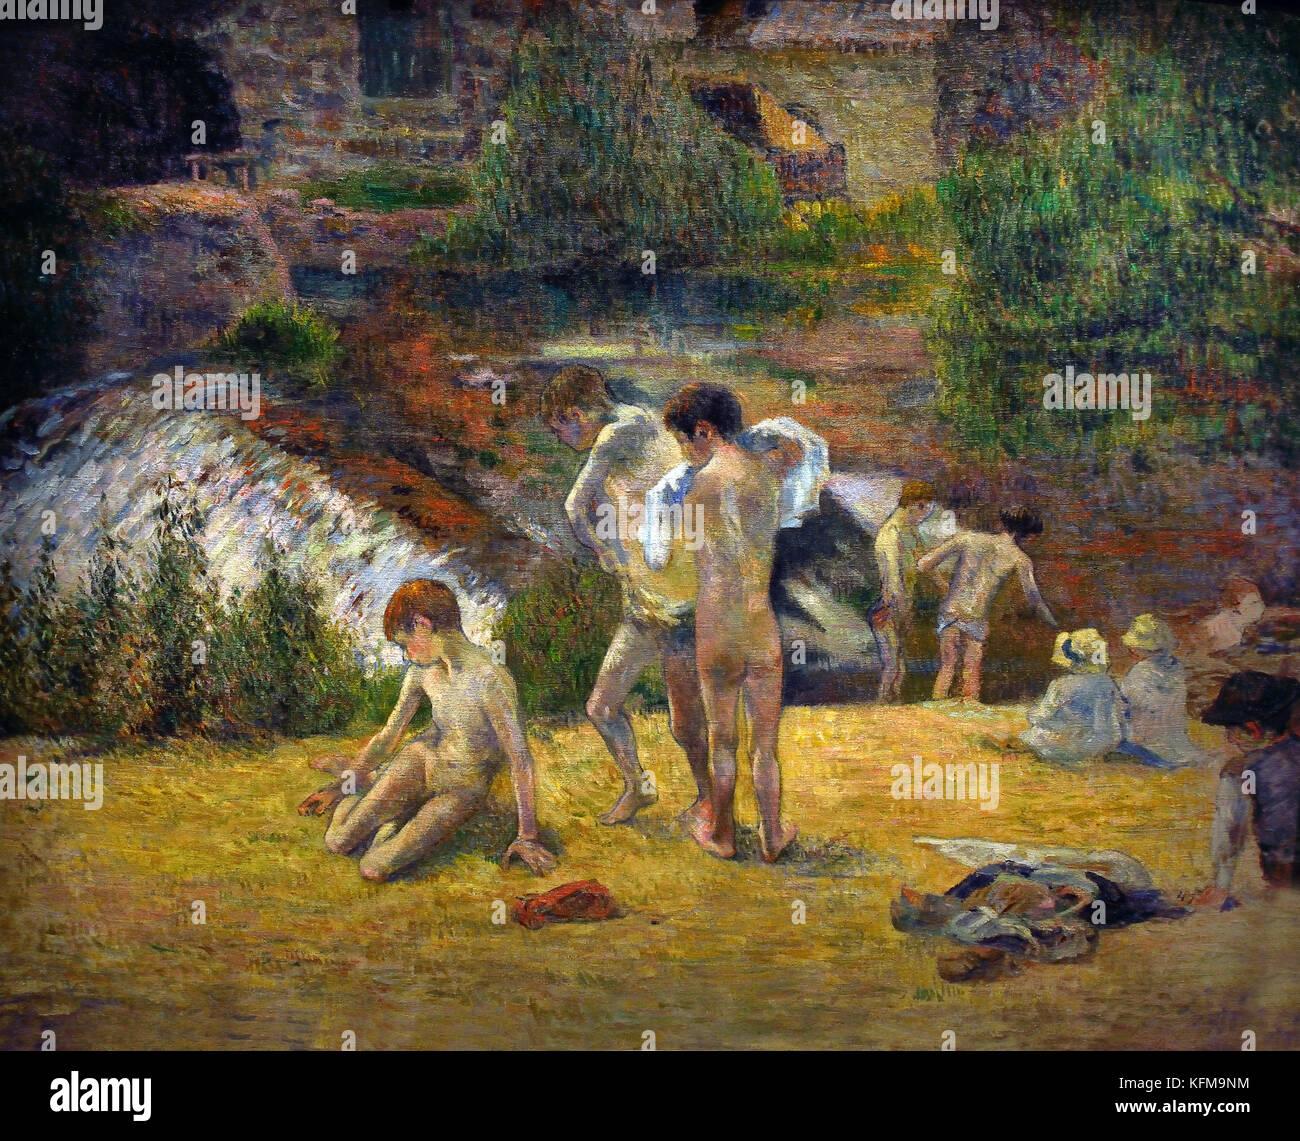 La Baignade au Moulin du bois D'Amour  Bathing ât thé Moulin du Bois D'Amour 1886 1886 Paul Gauguin - Stock Image